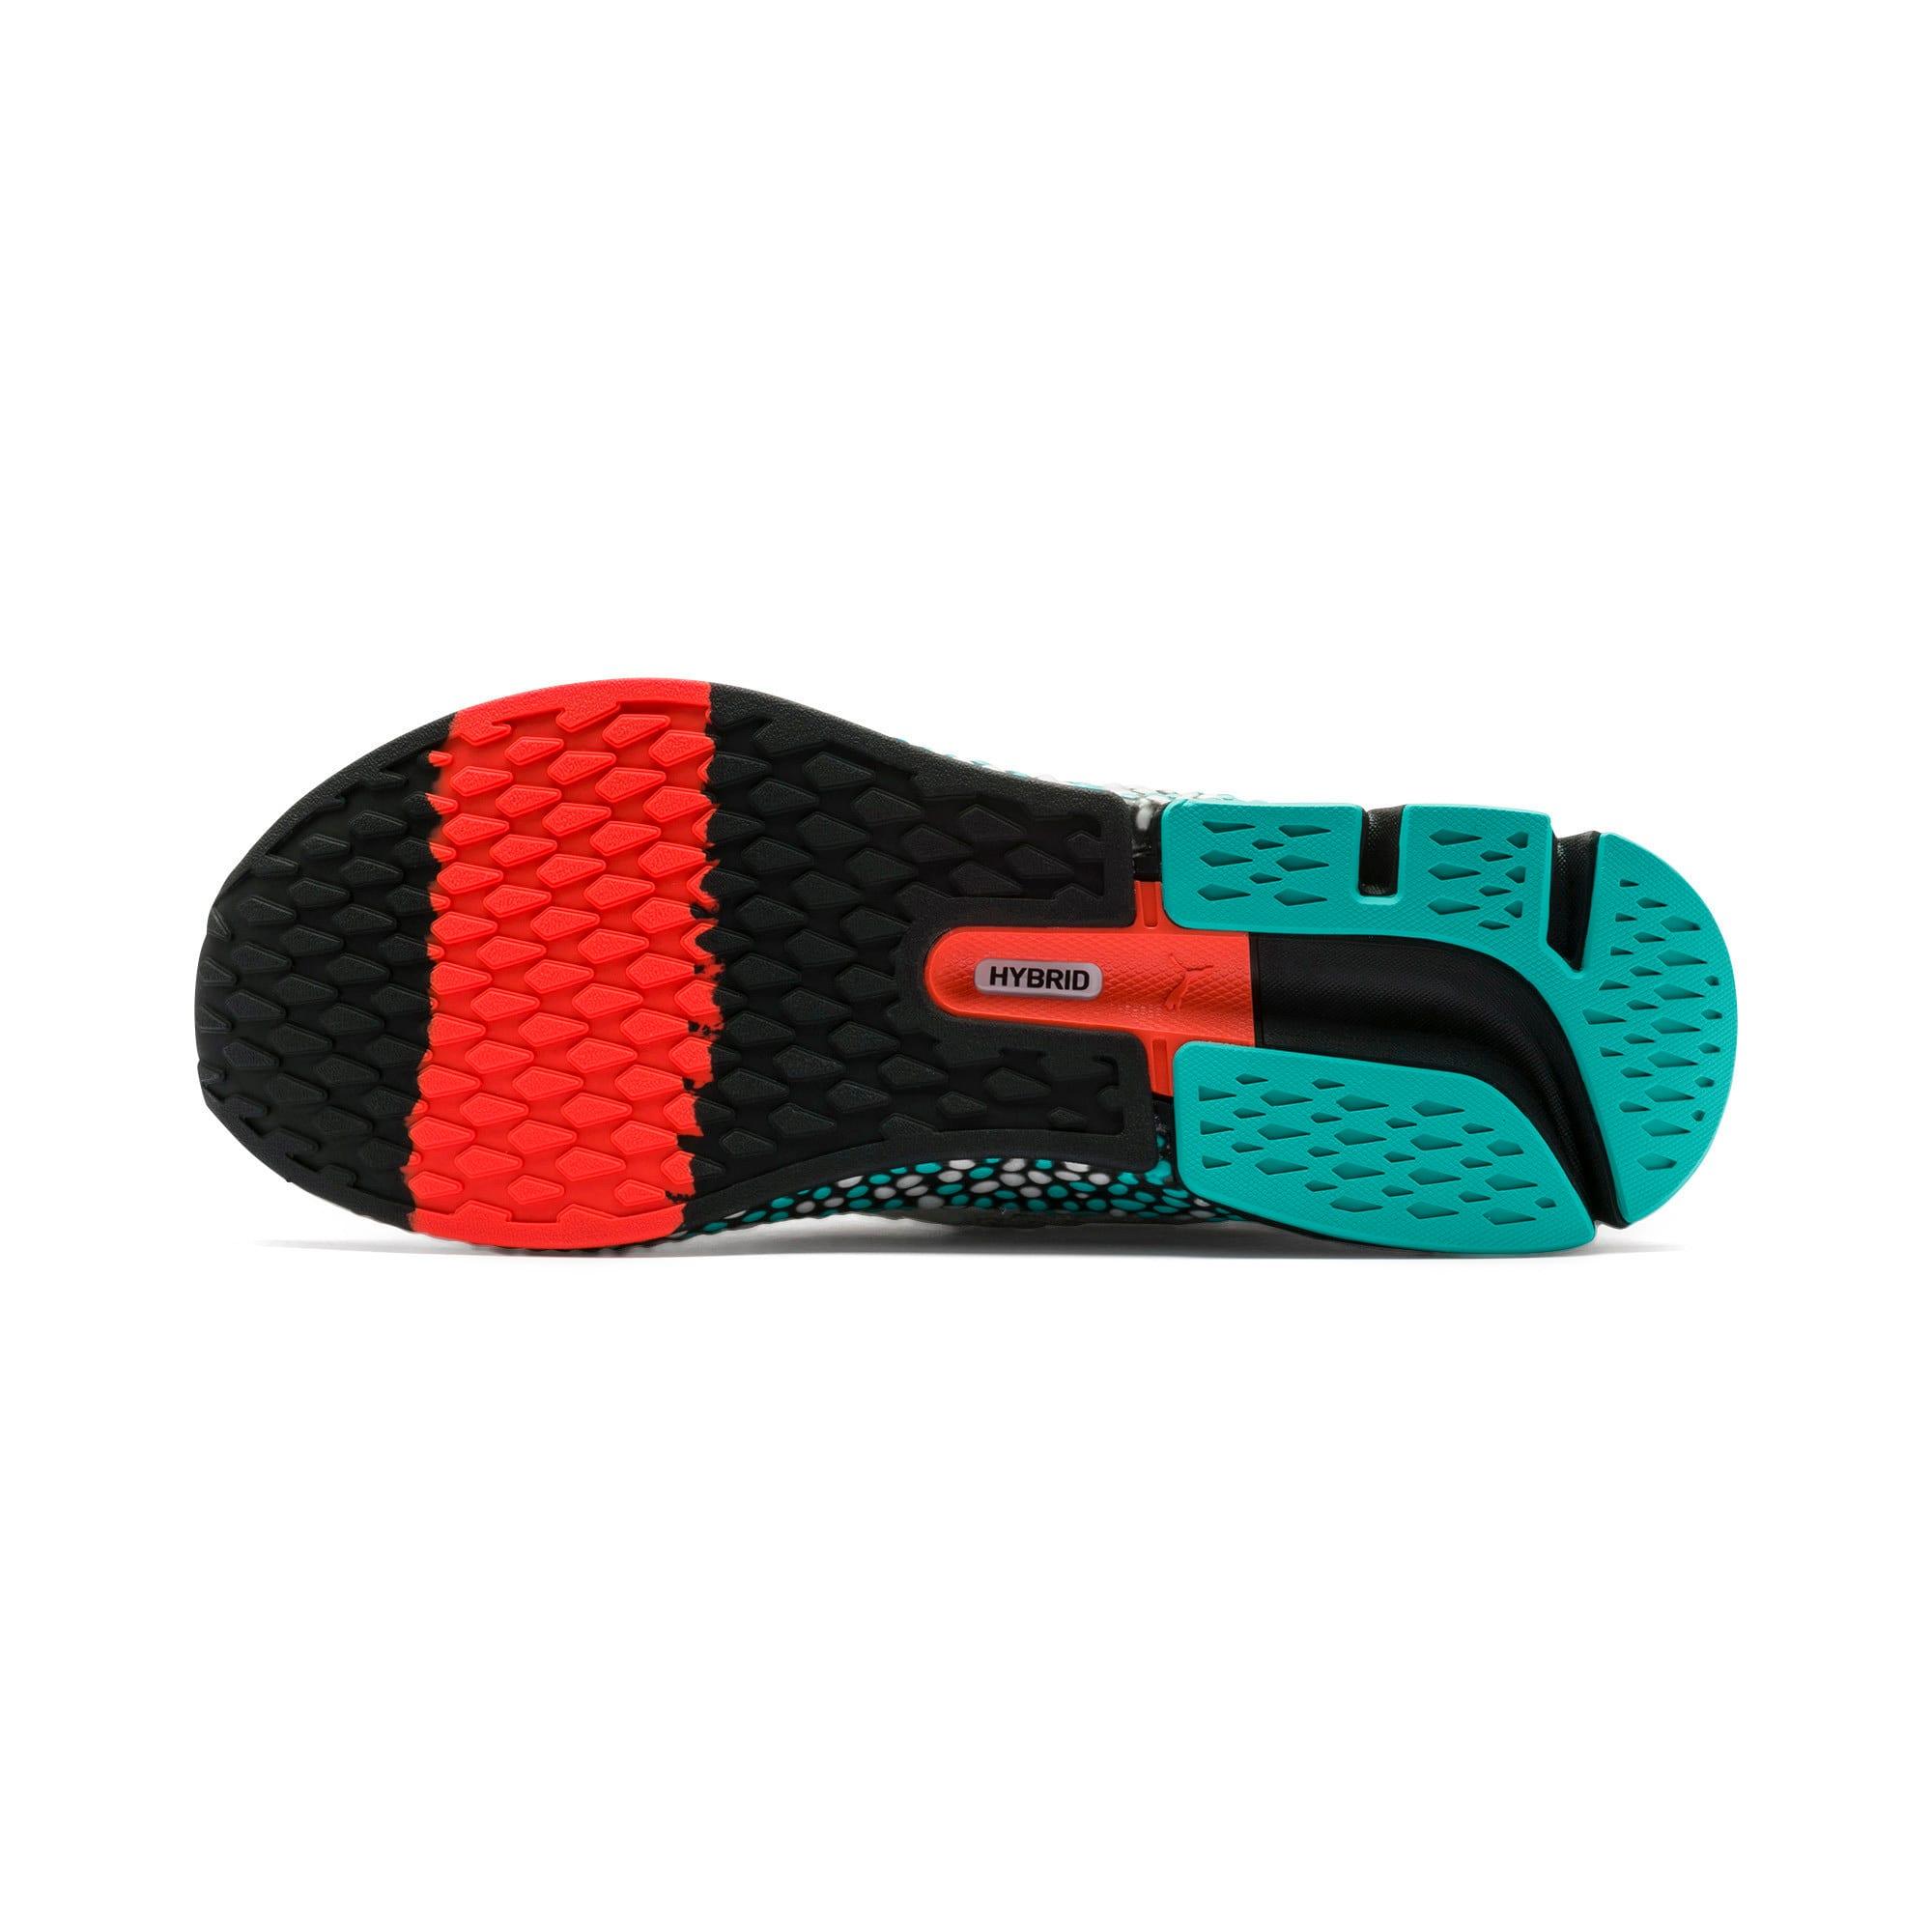 Thumbnail 4 of Chaussure de course HYBRID NETFIT Astro pour homme, Puma White-Blue Turquoise, medium